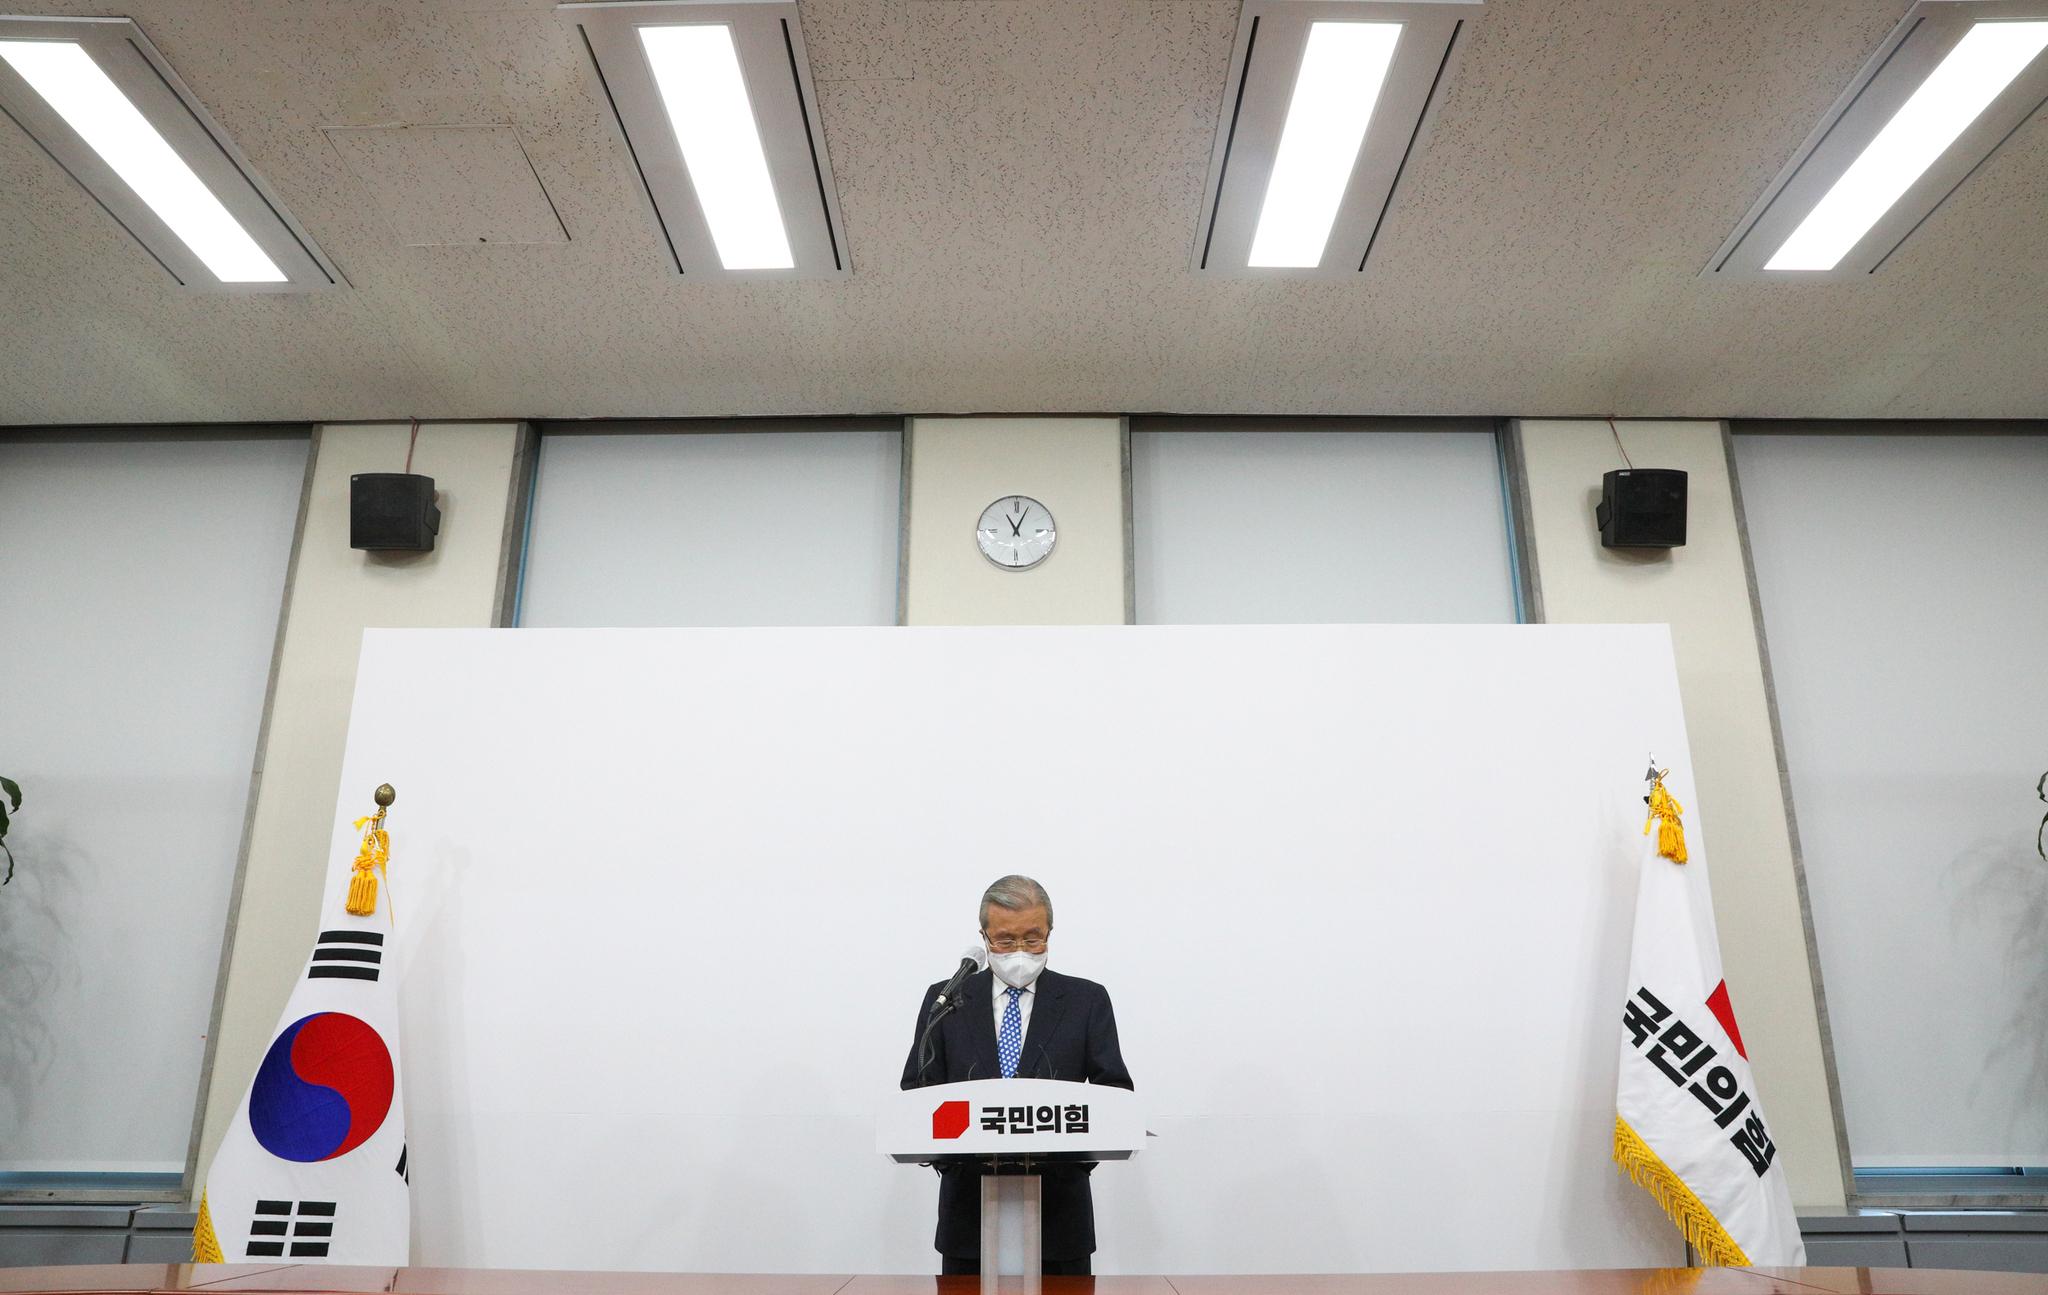 김종인 국민의힘 비대위원장이 15일 오전 서울 여의도 국회에서 대국민사과를 하고 있다. 오종택 기자